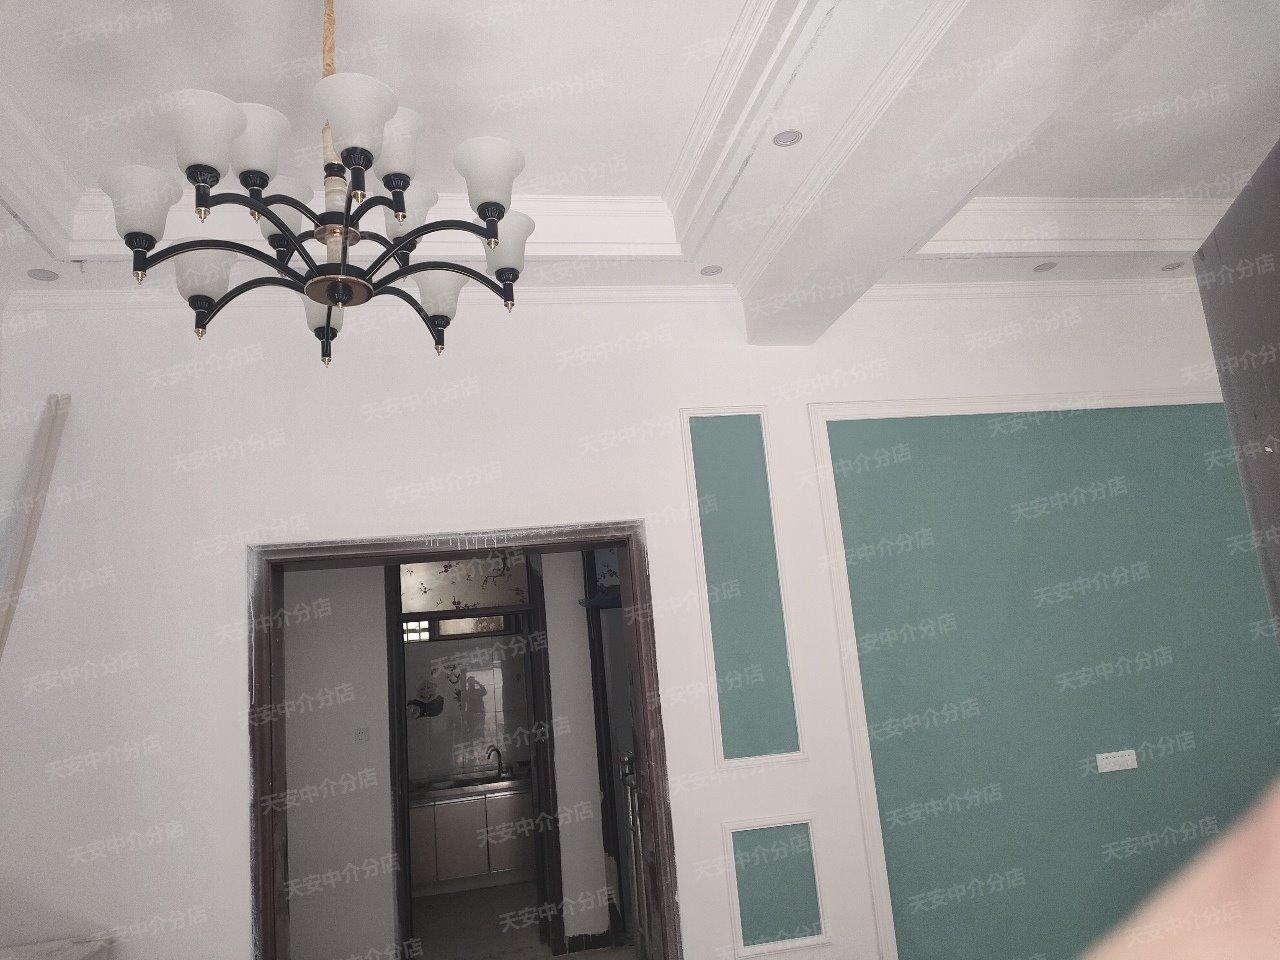 紫荊華府北兩間三層正宅精裝修有證60萬元